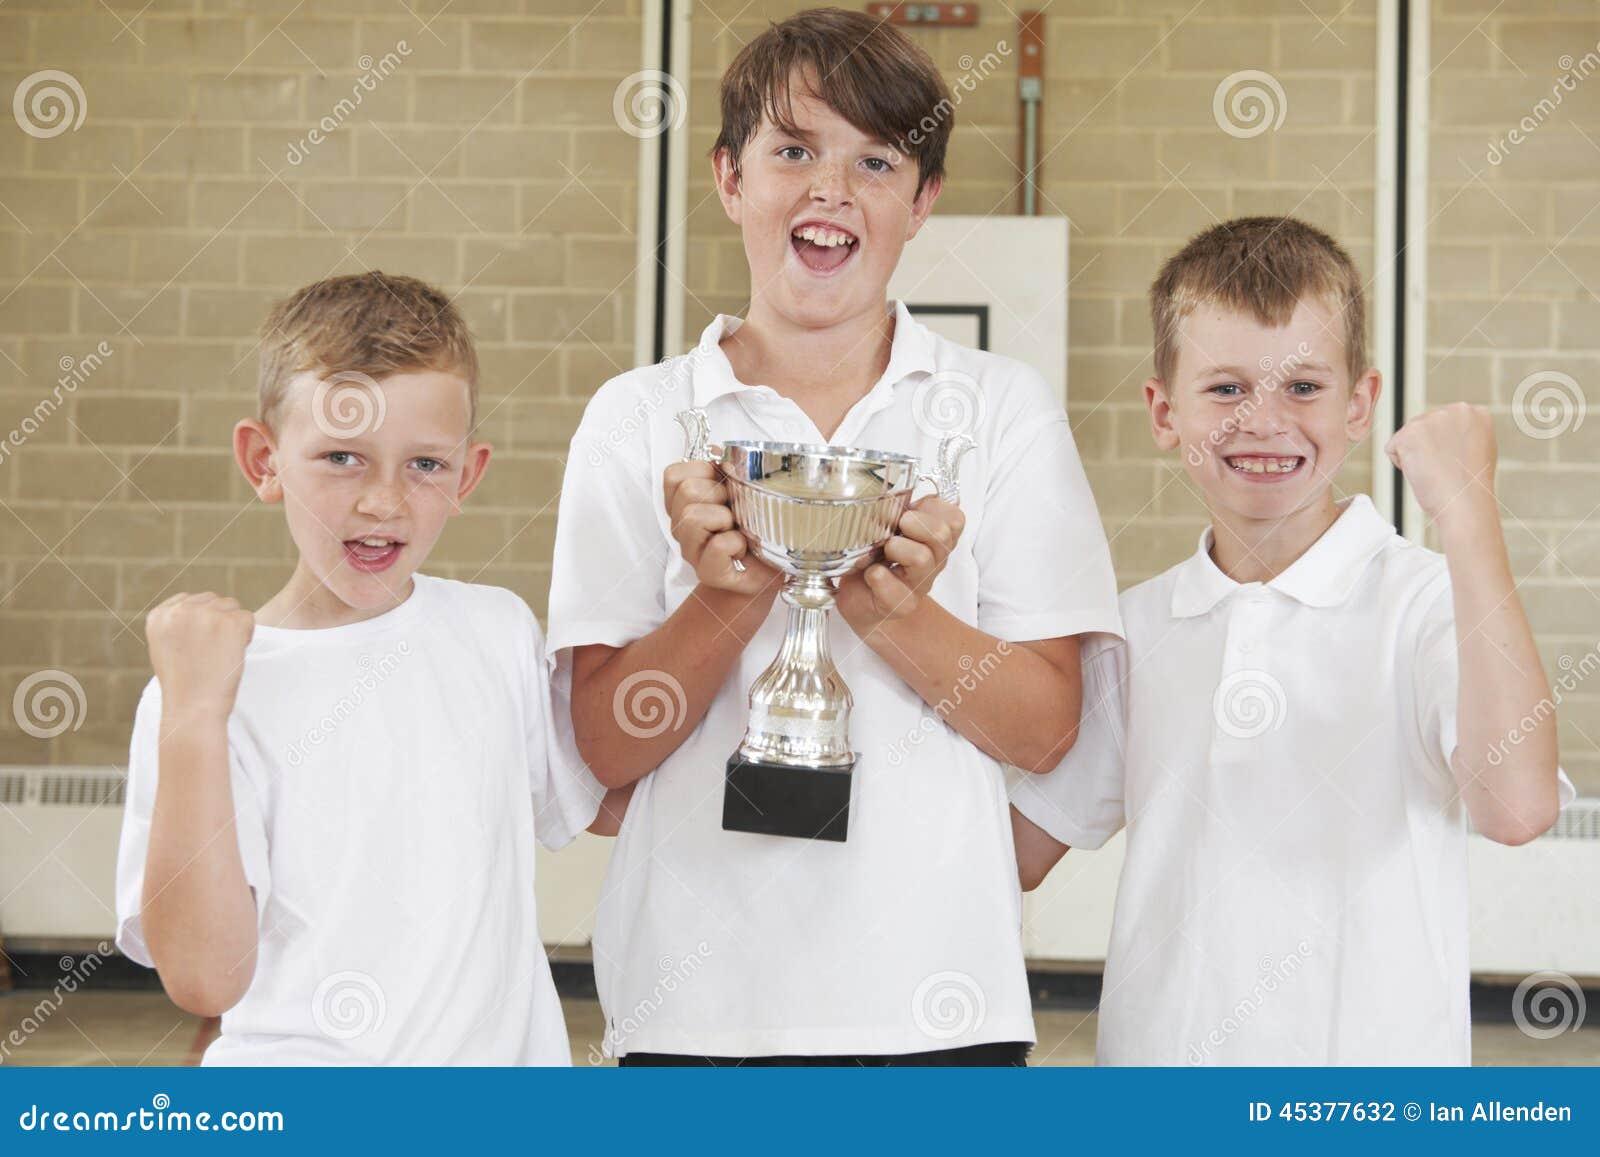 Deportes masculinos Team In Gym With Trophy de la escuela